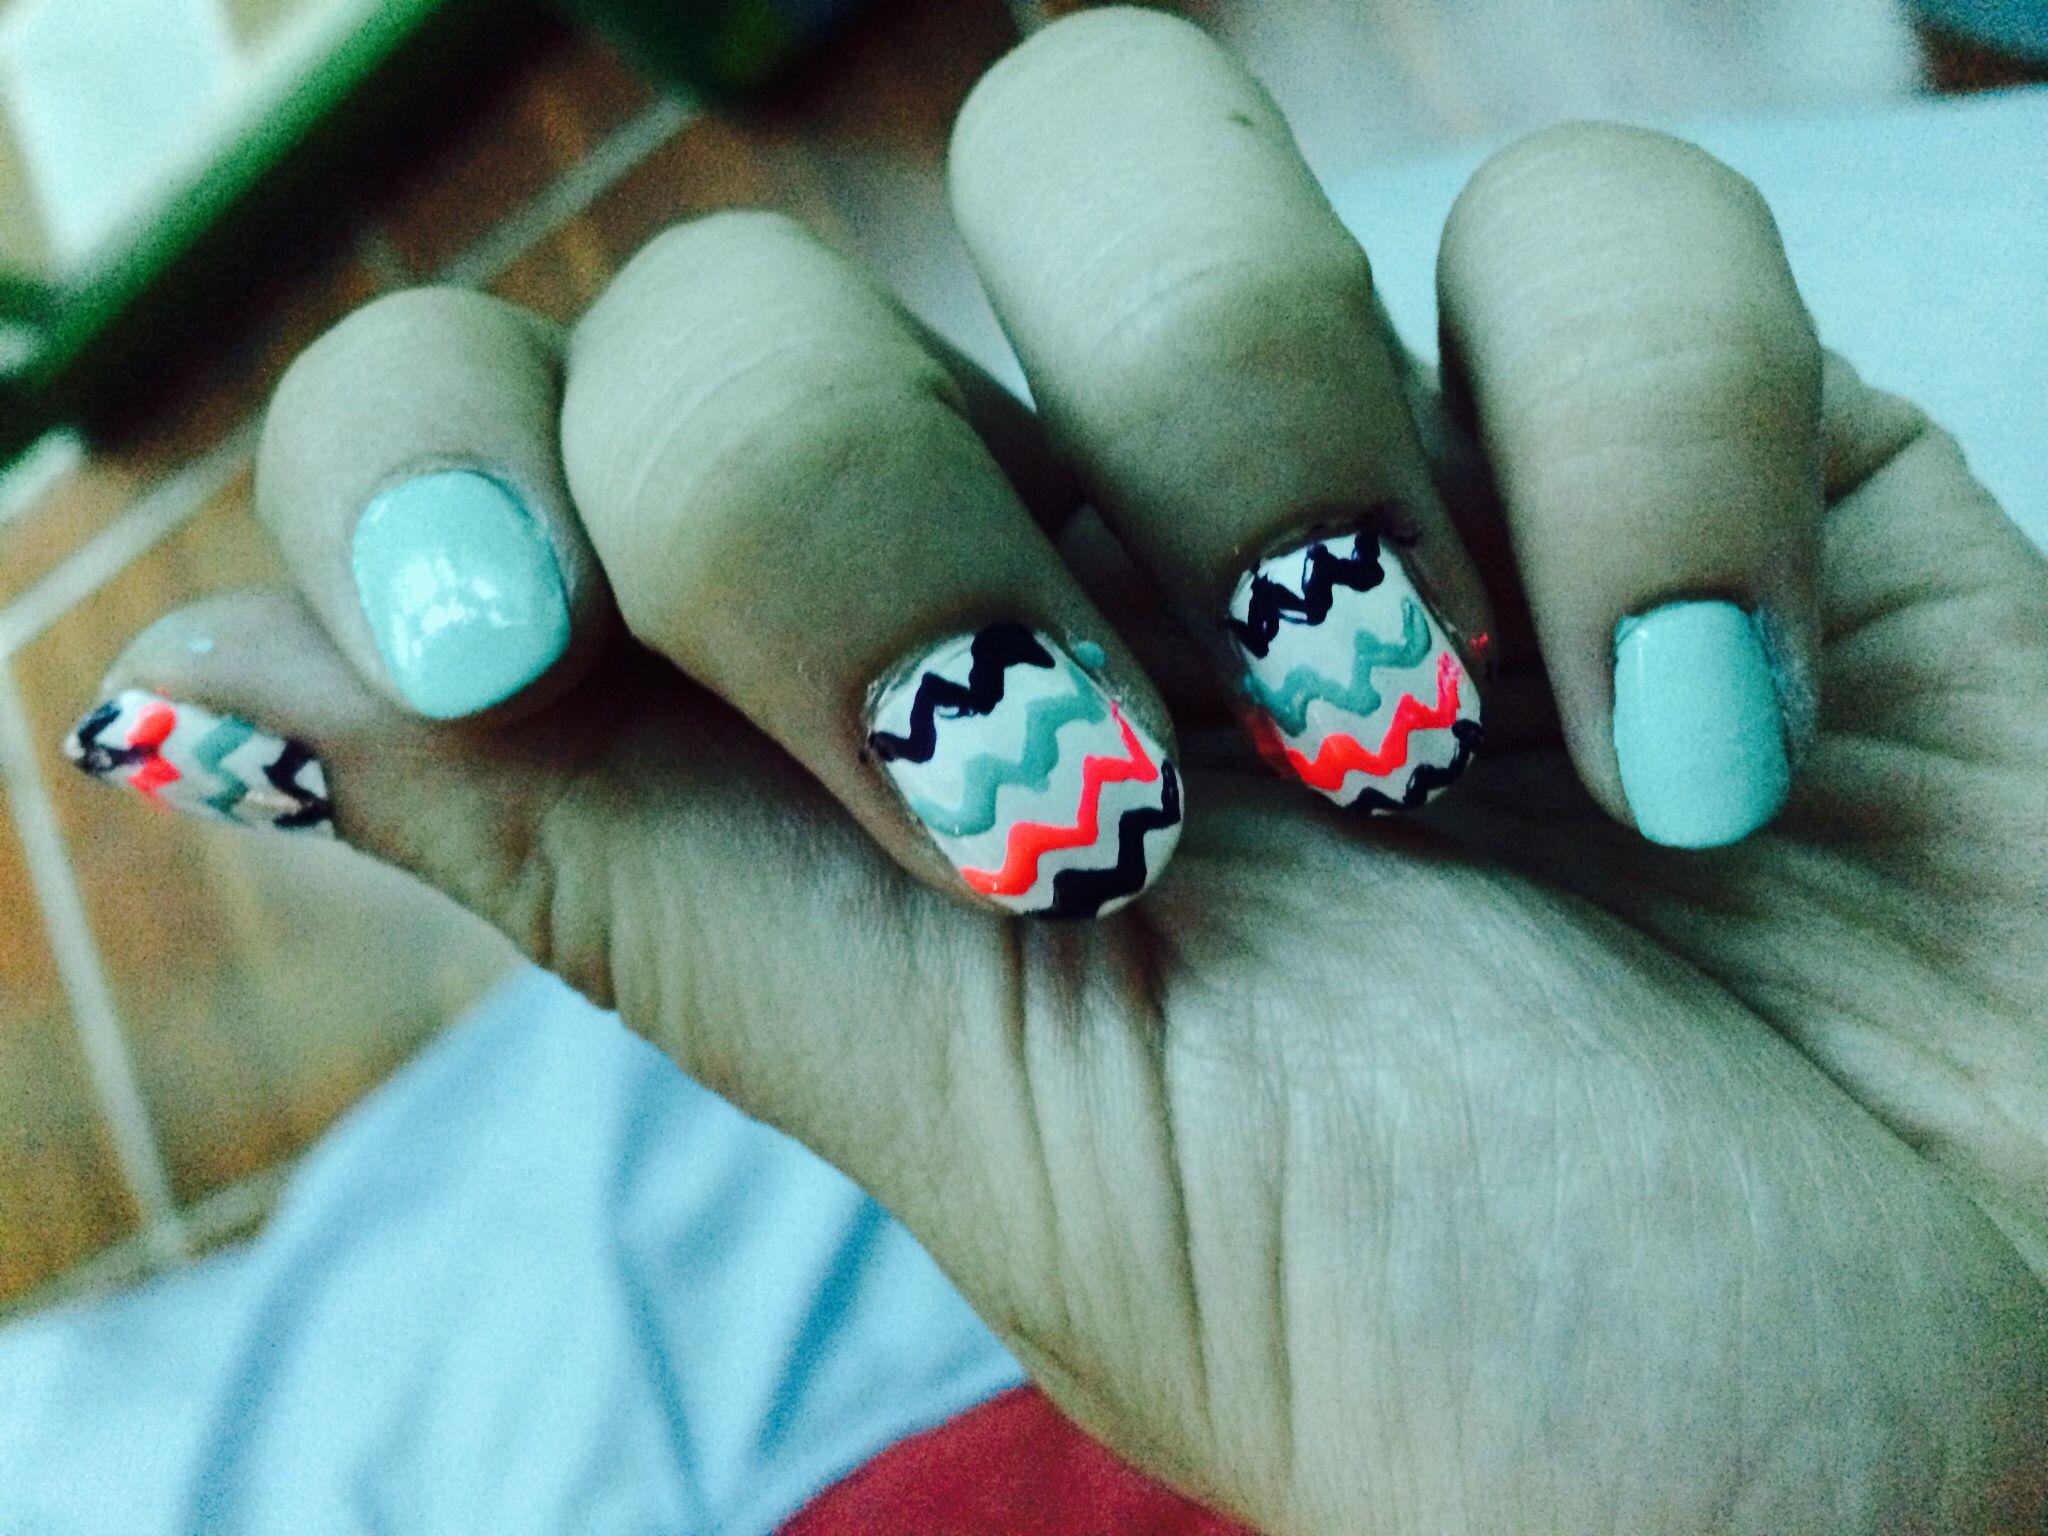 Uñas rayas   uñas de rayas   Pinterest   Uñas de rayas y Rayas